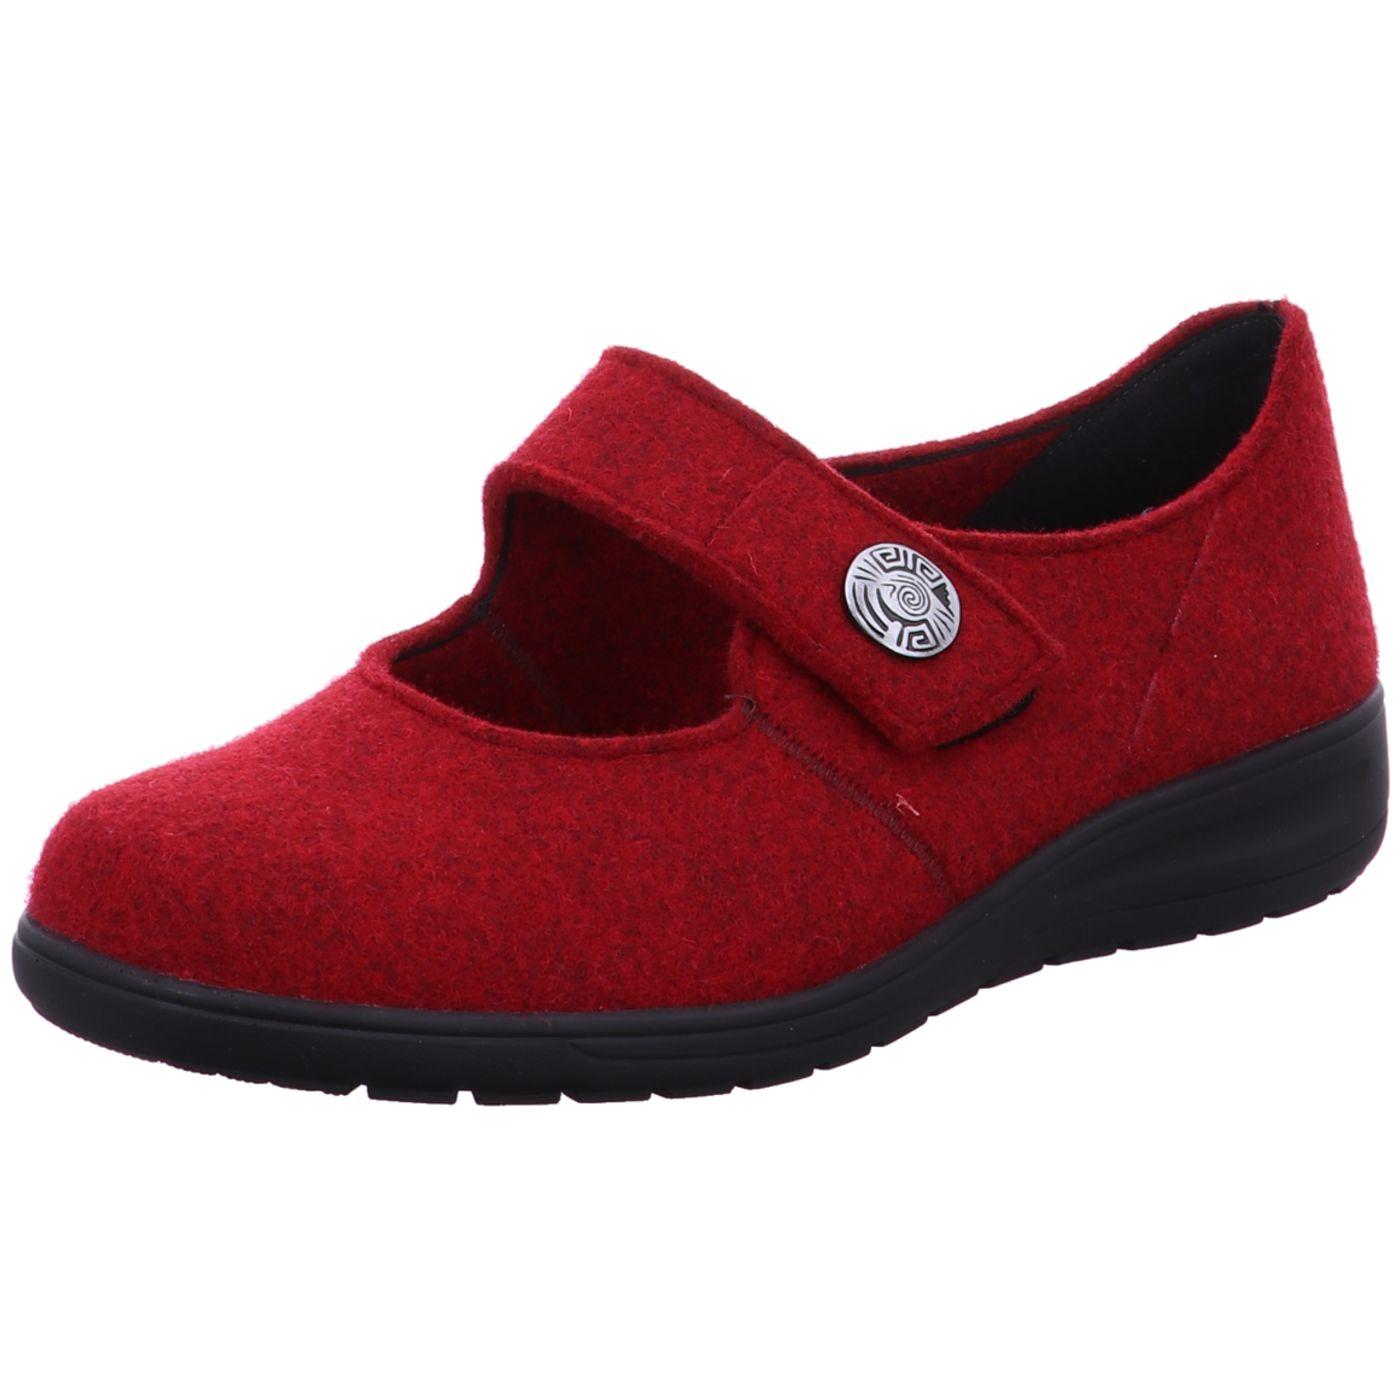 Bequeme Schuhe für Spreizfuß von Solidus